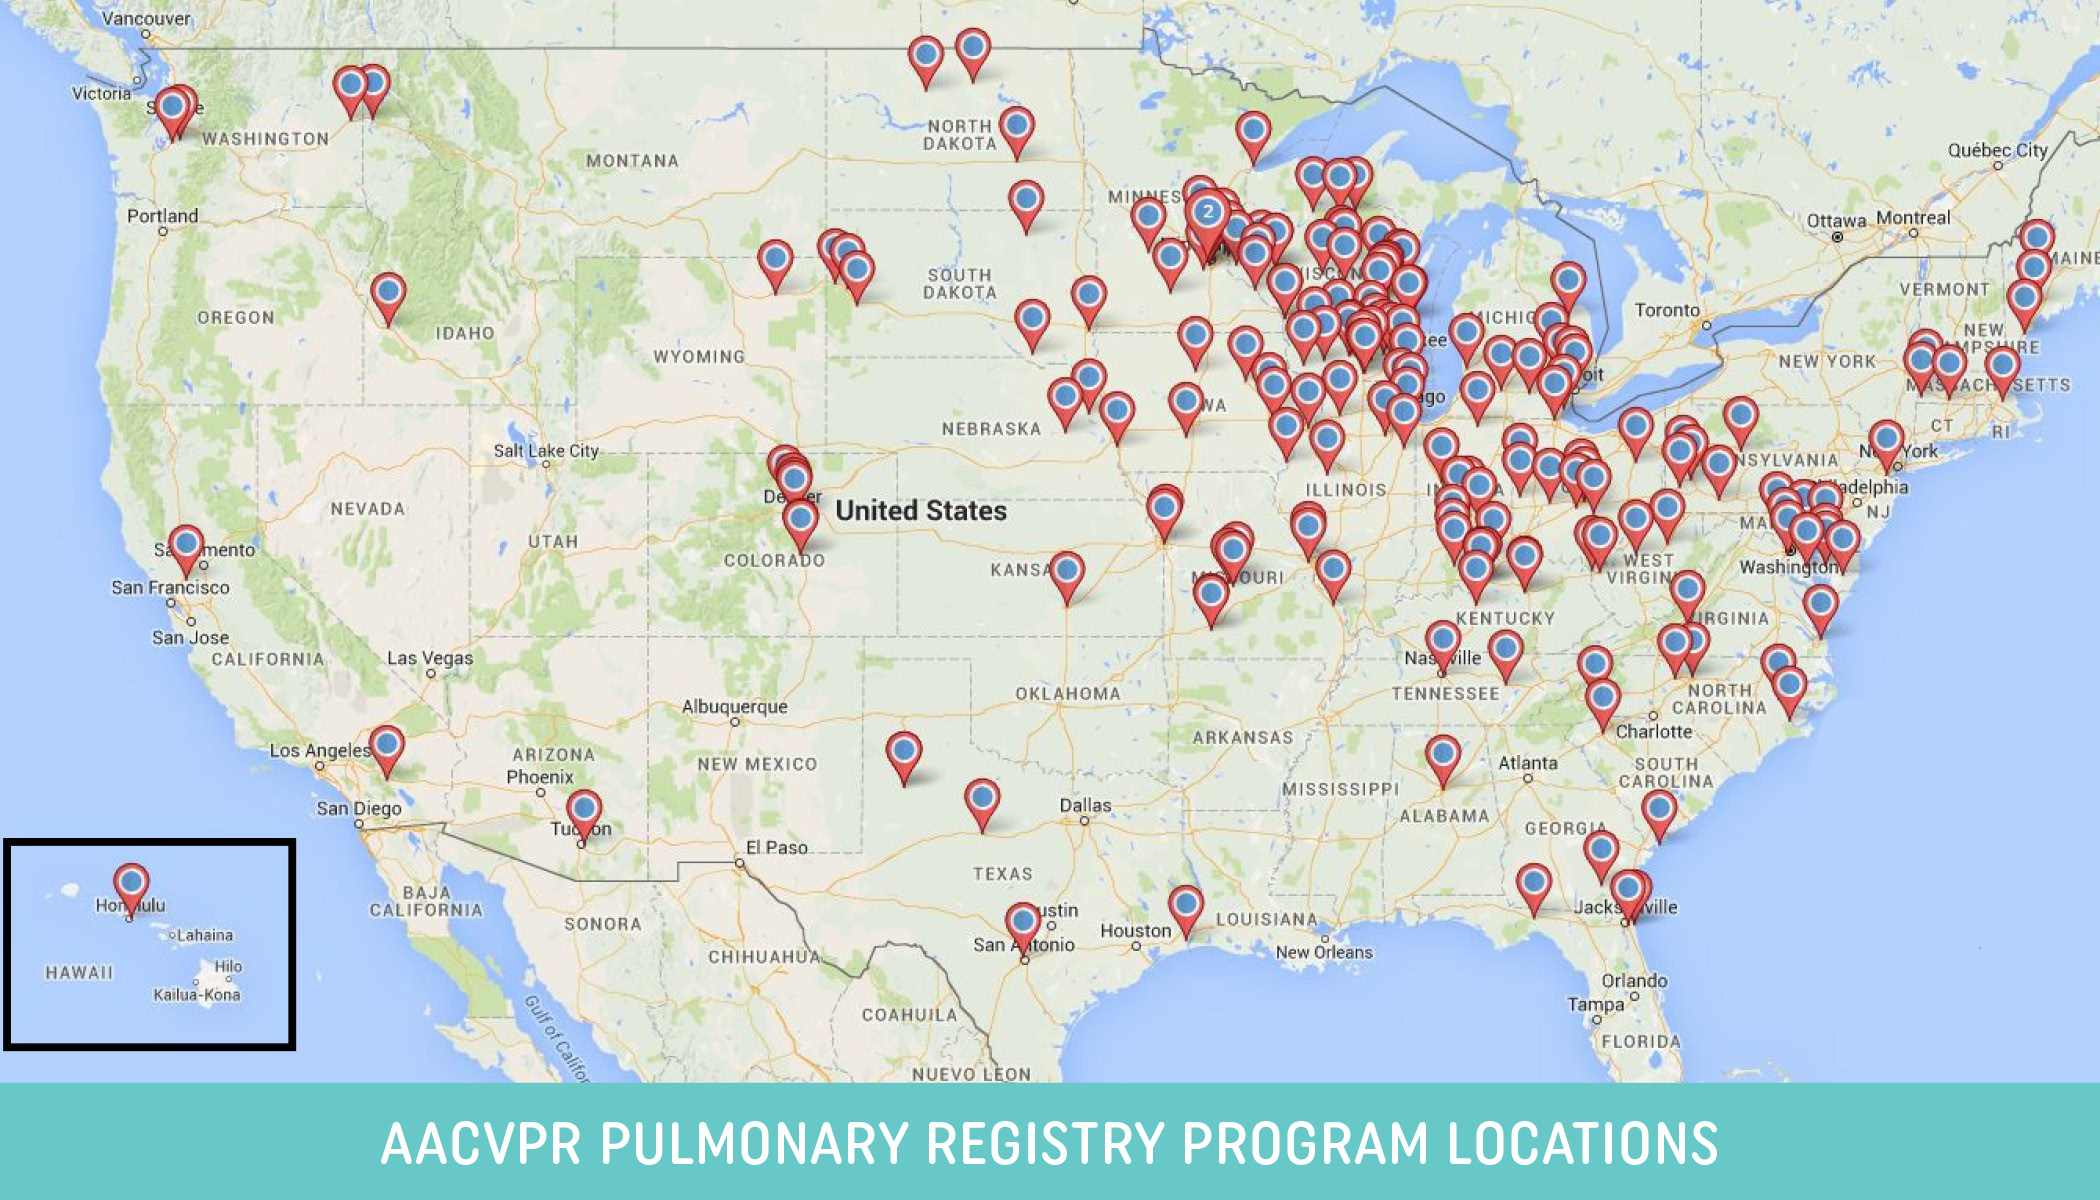 AACVPR Pulmonary Registry Map